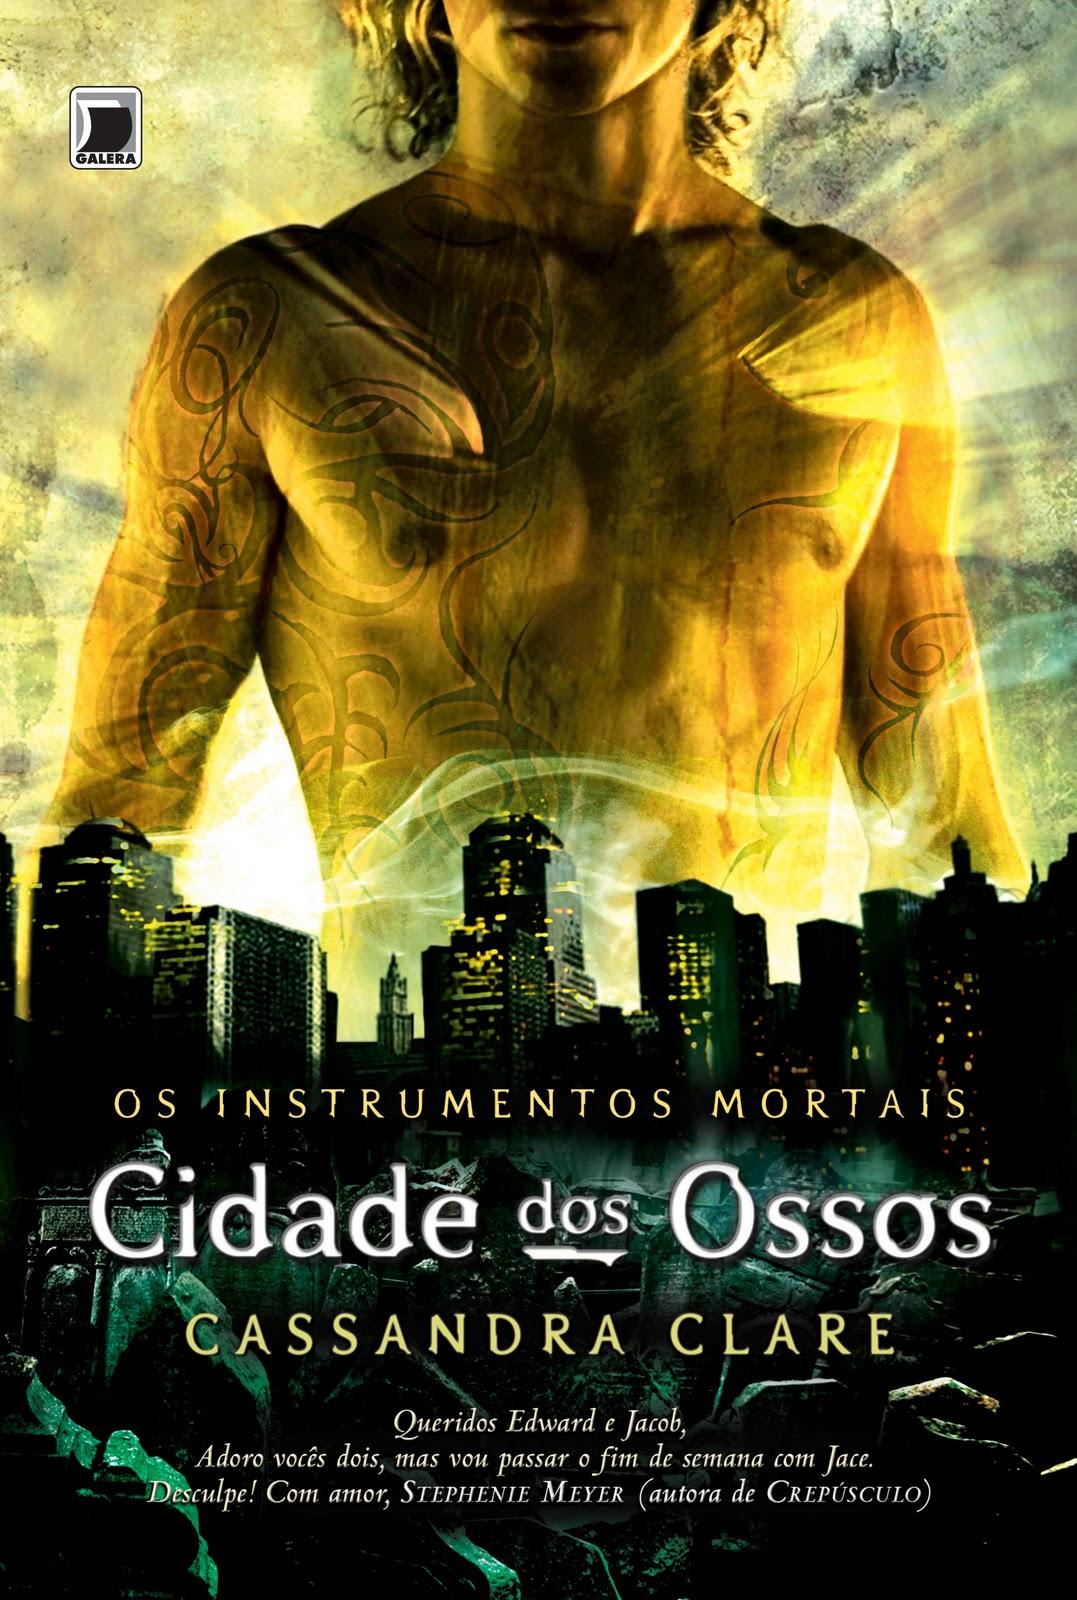 ISBN: 97885087140  EDITORA: GALERA RECORD ANO DE LANÇAMENTO: 2010  PÁGINAS: 462